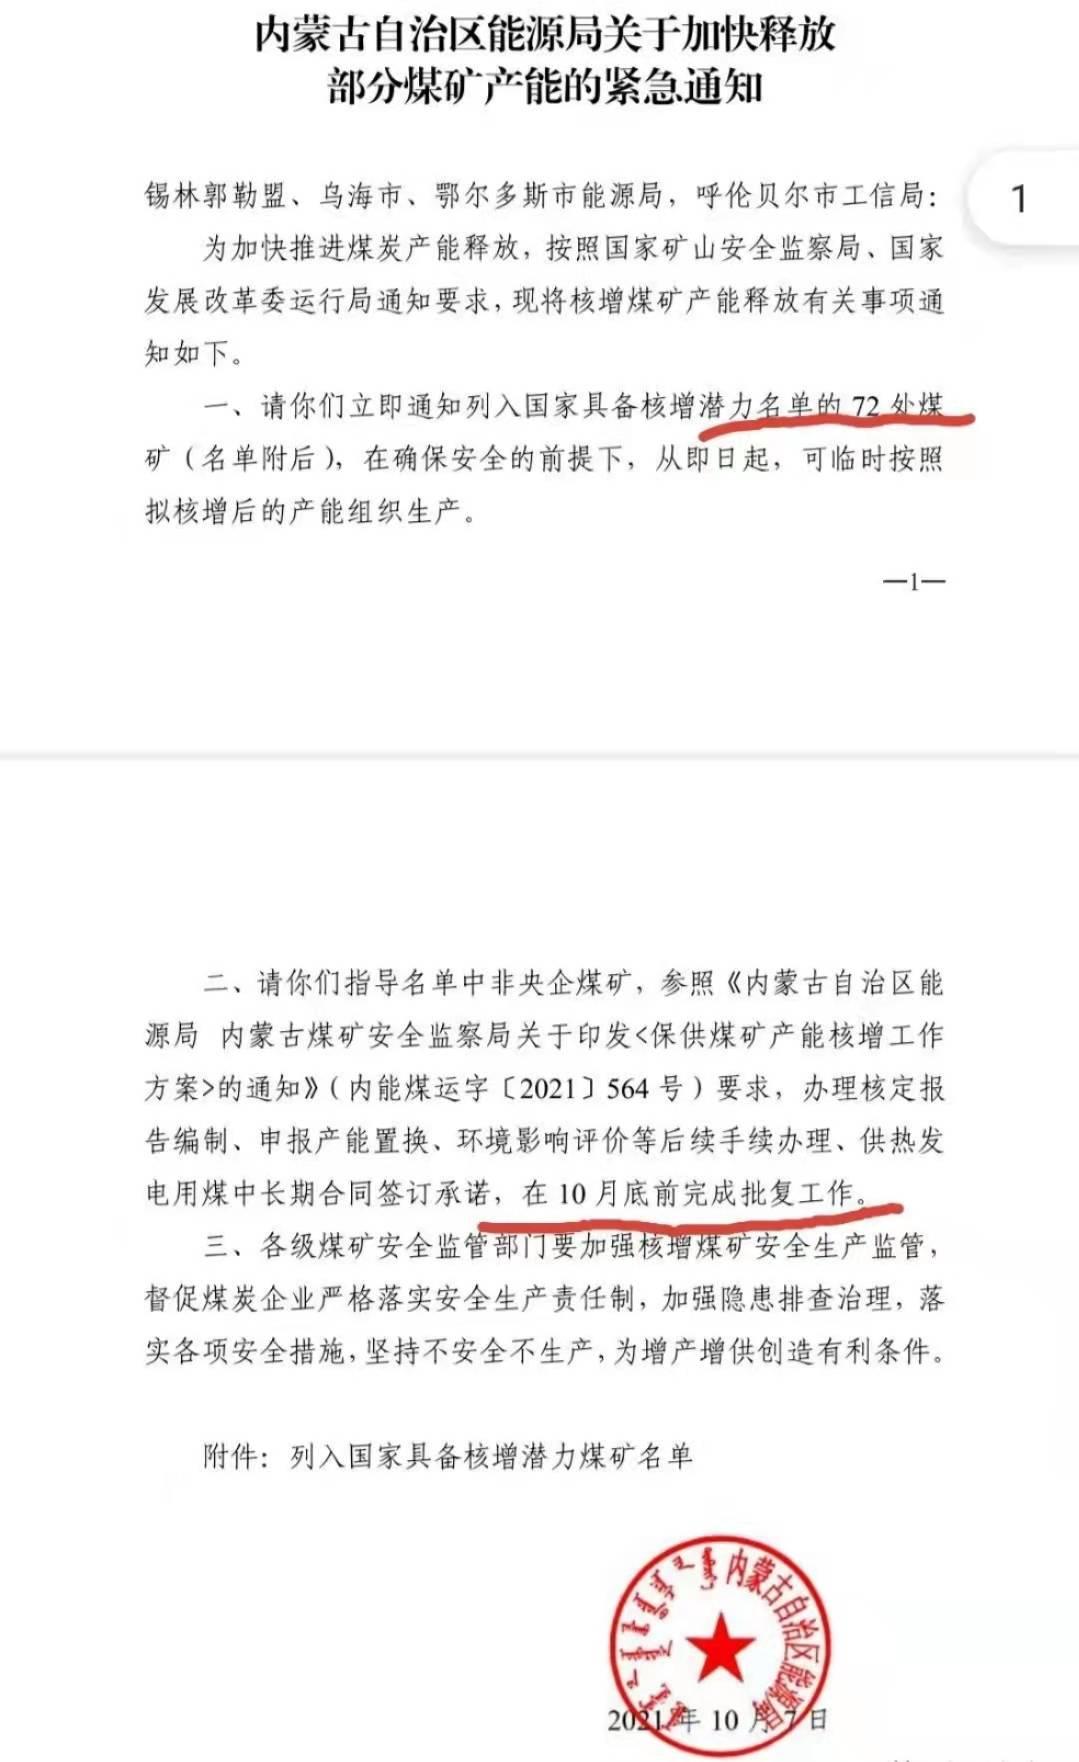 """媒体关注网传""""内蒙古能源局紧急通知"""":加快释放72处煤矿产能"""